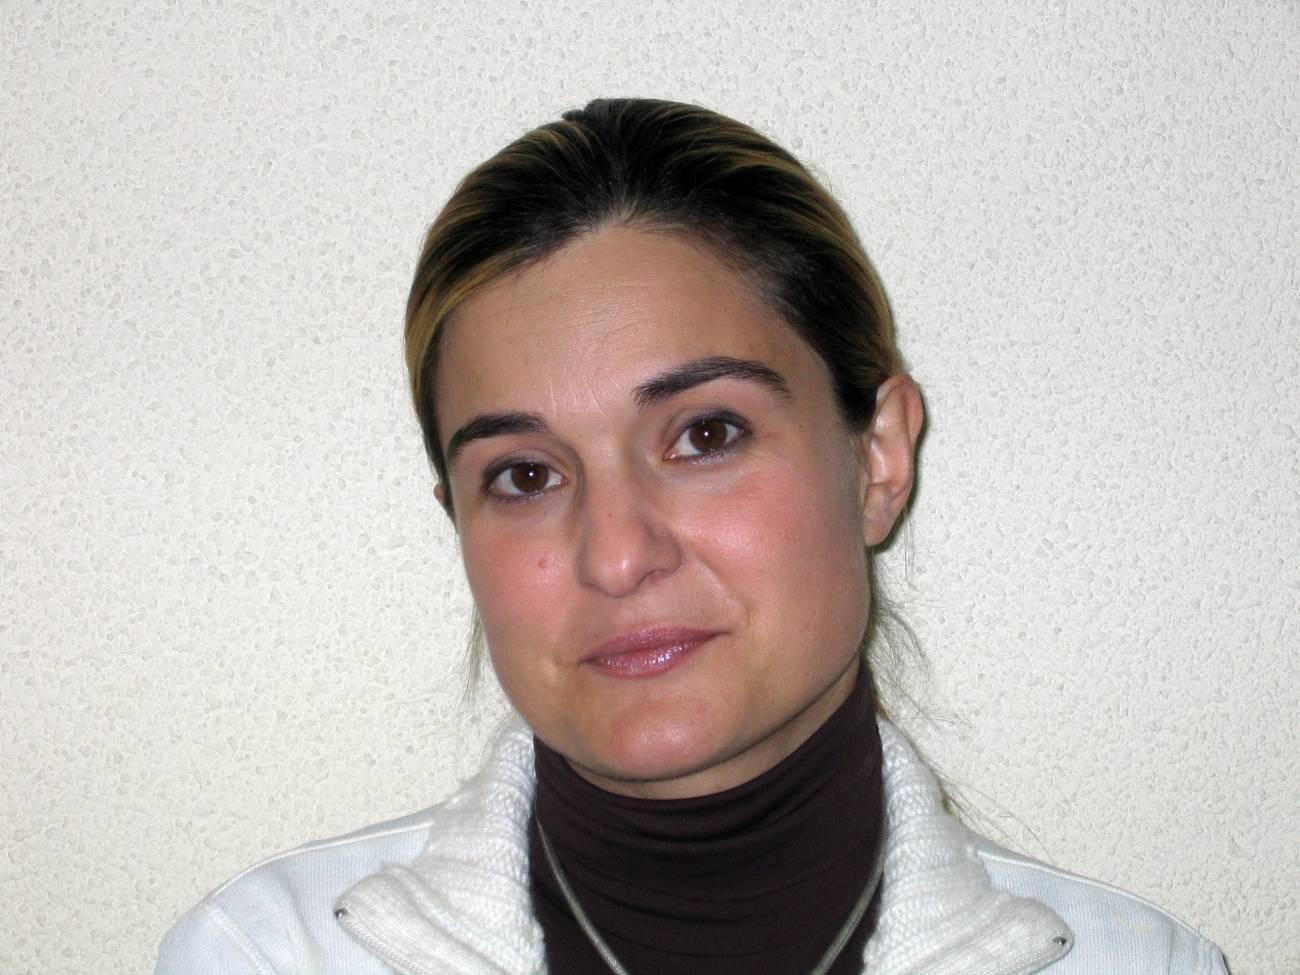 Graciela García trabaja también como oncóloga en el Instituto Madrileño de Oncología. / AECC